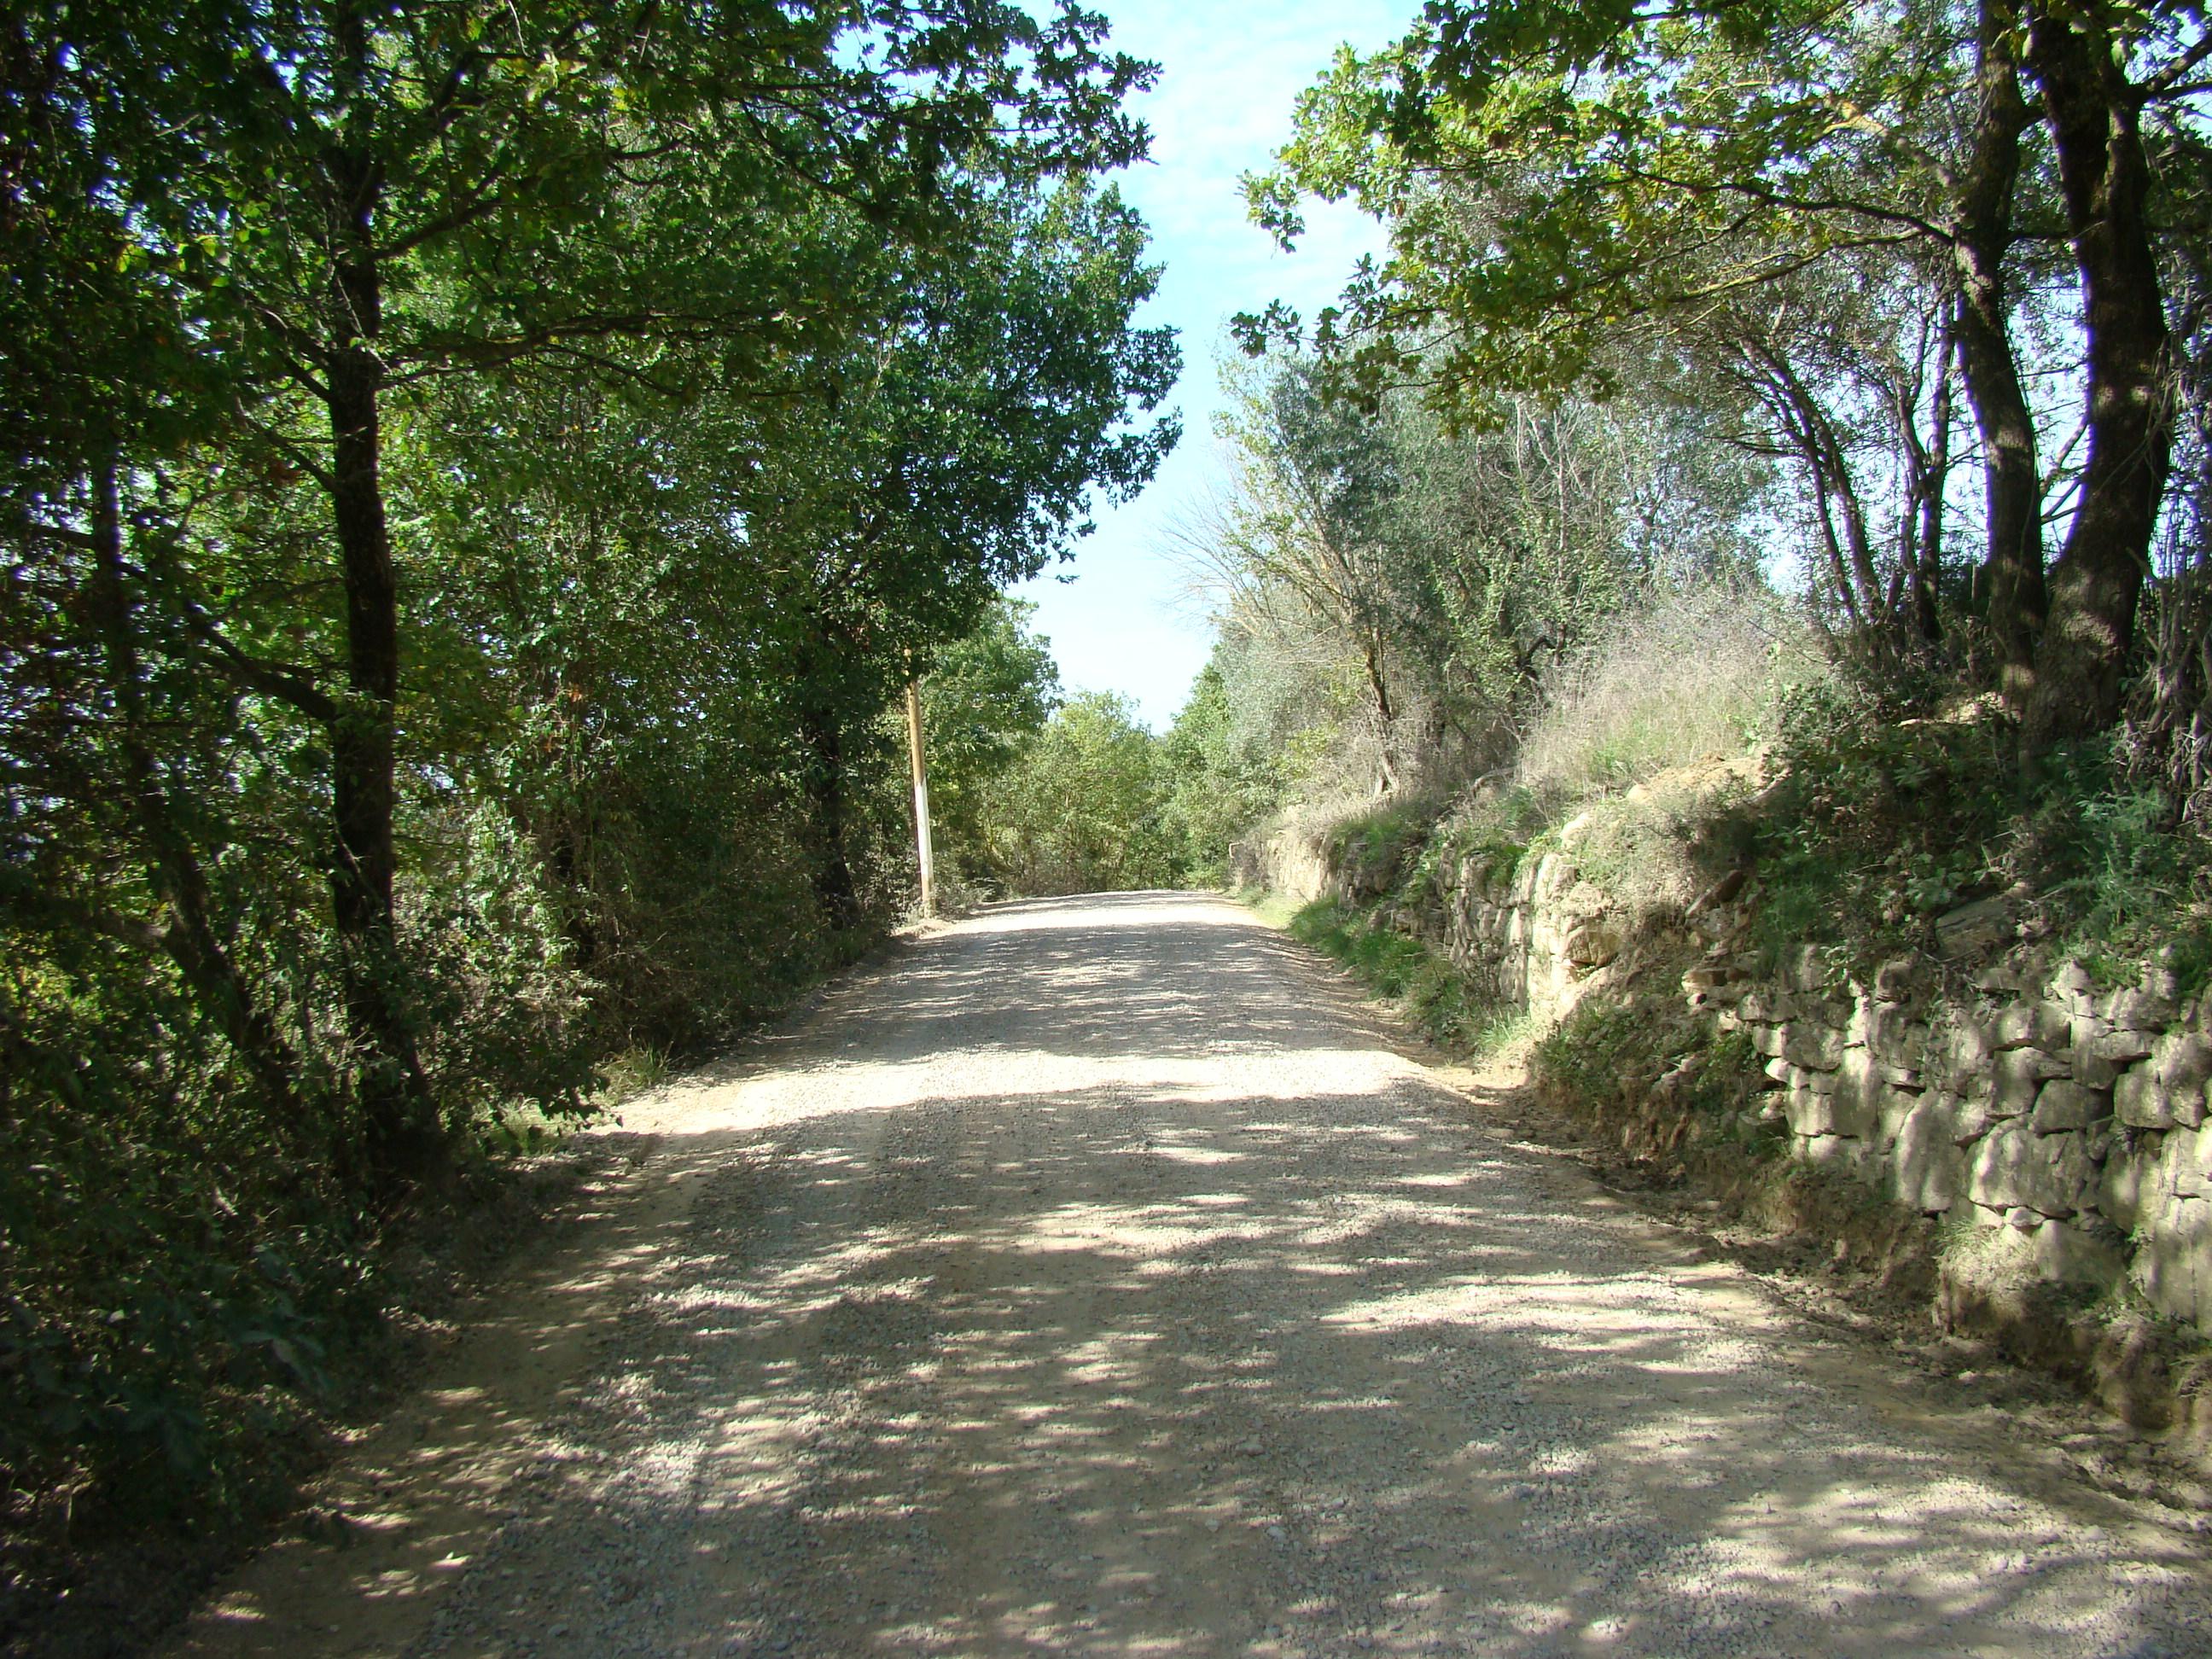 La strada vicinale per Greve (di Giuliana Profeti)